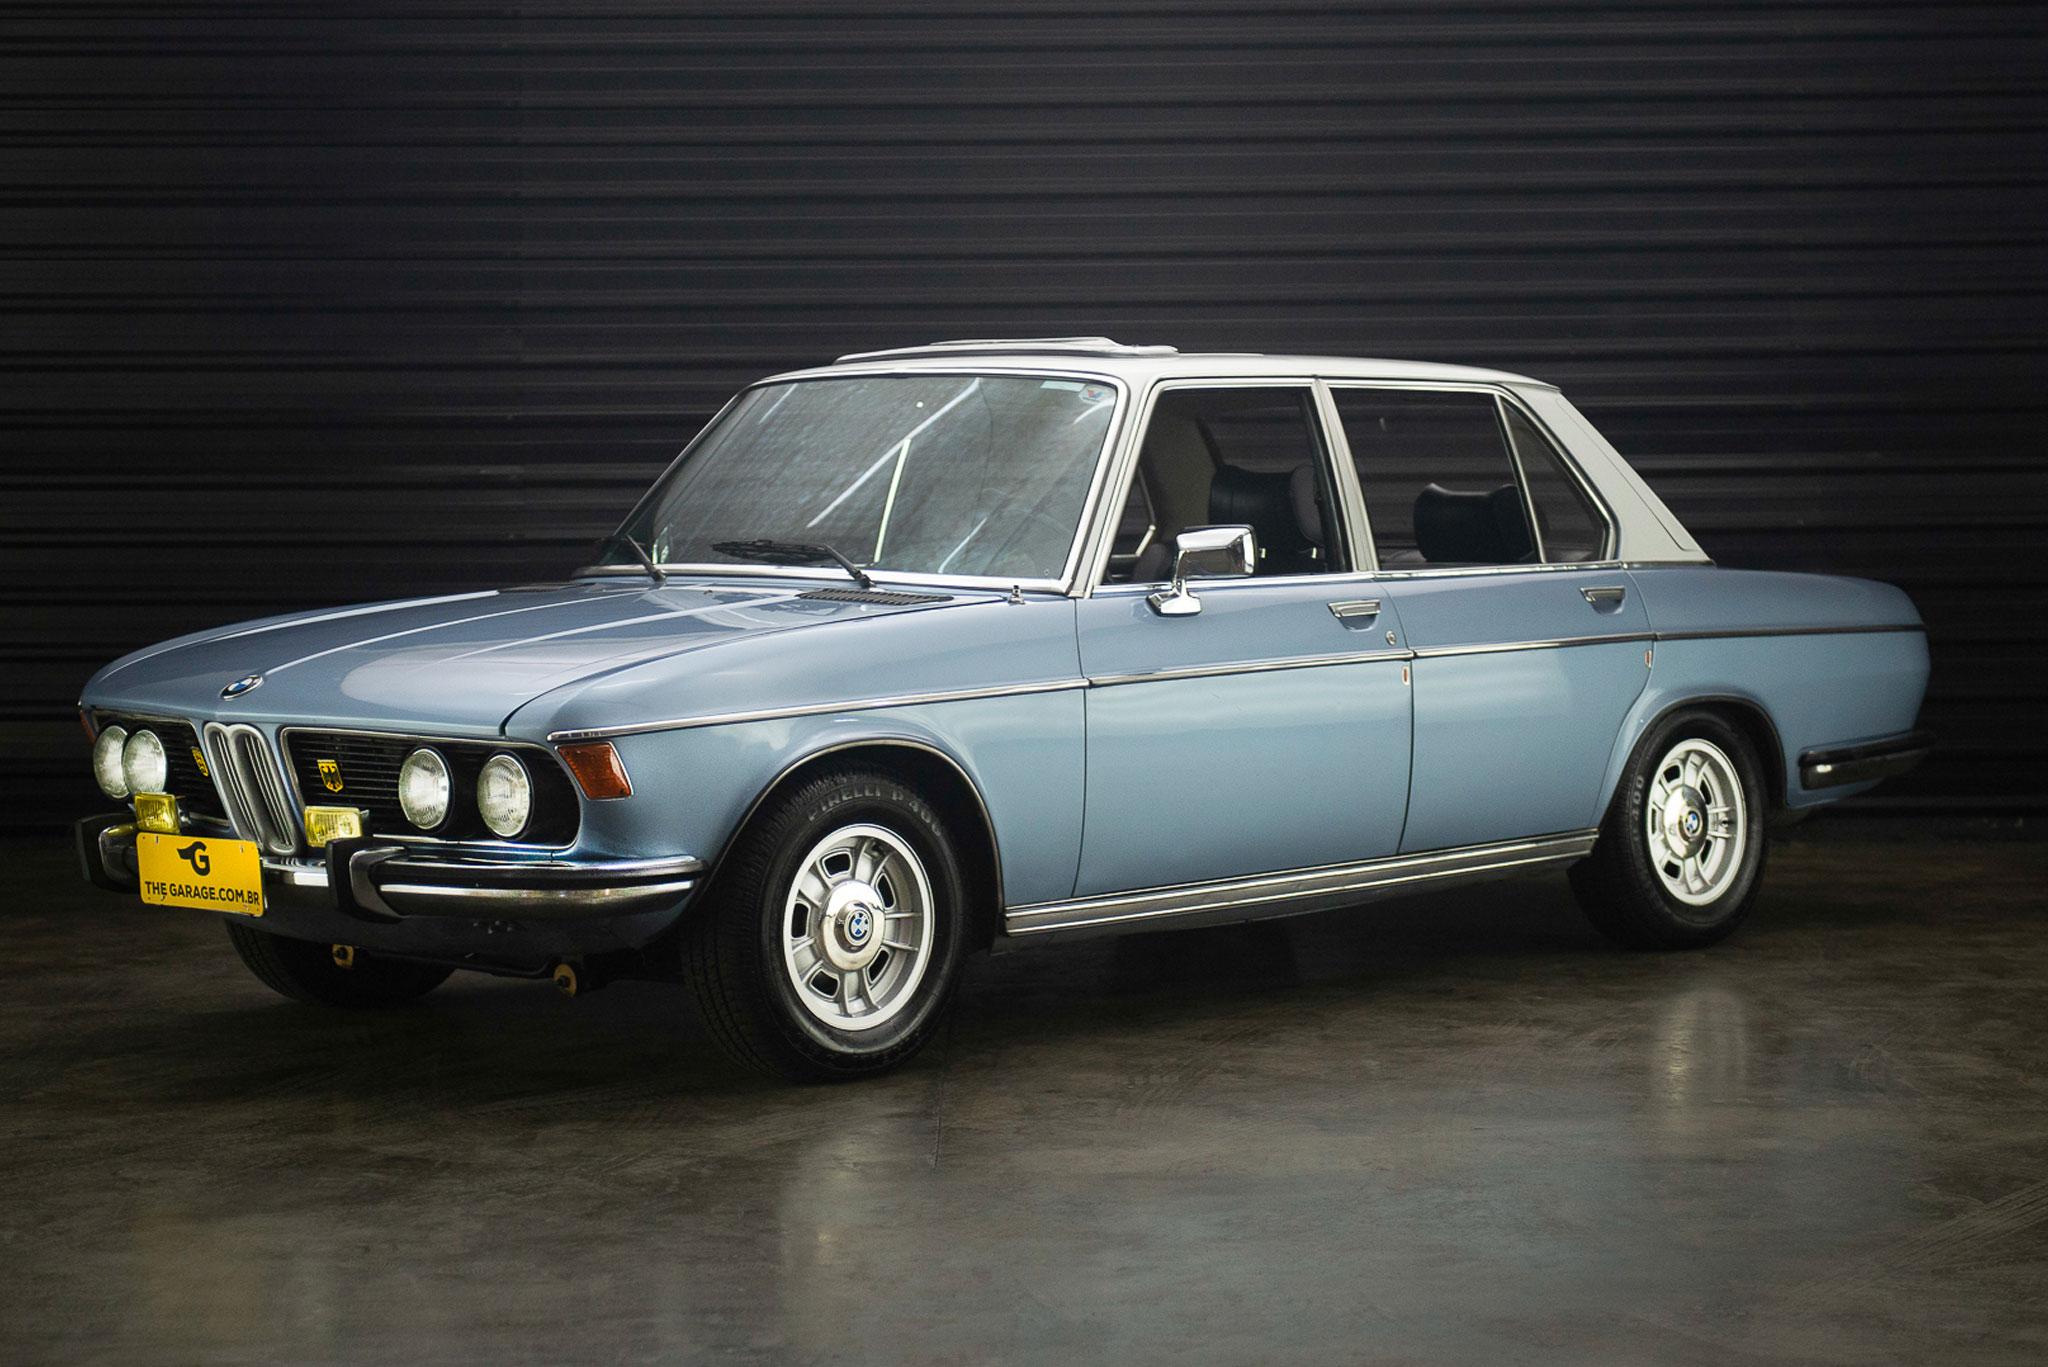 BMW, BMW classica, BMW antiga, BMW placa preta, clube da BMW, encontro de BMW, BMW Brasil, BMW Motorsport, BMW classic, BMW do Brasil, BMW São Paulo